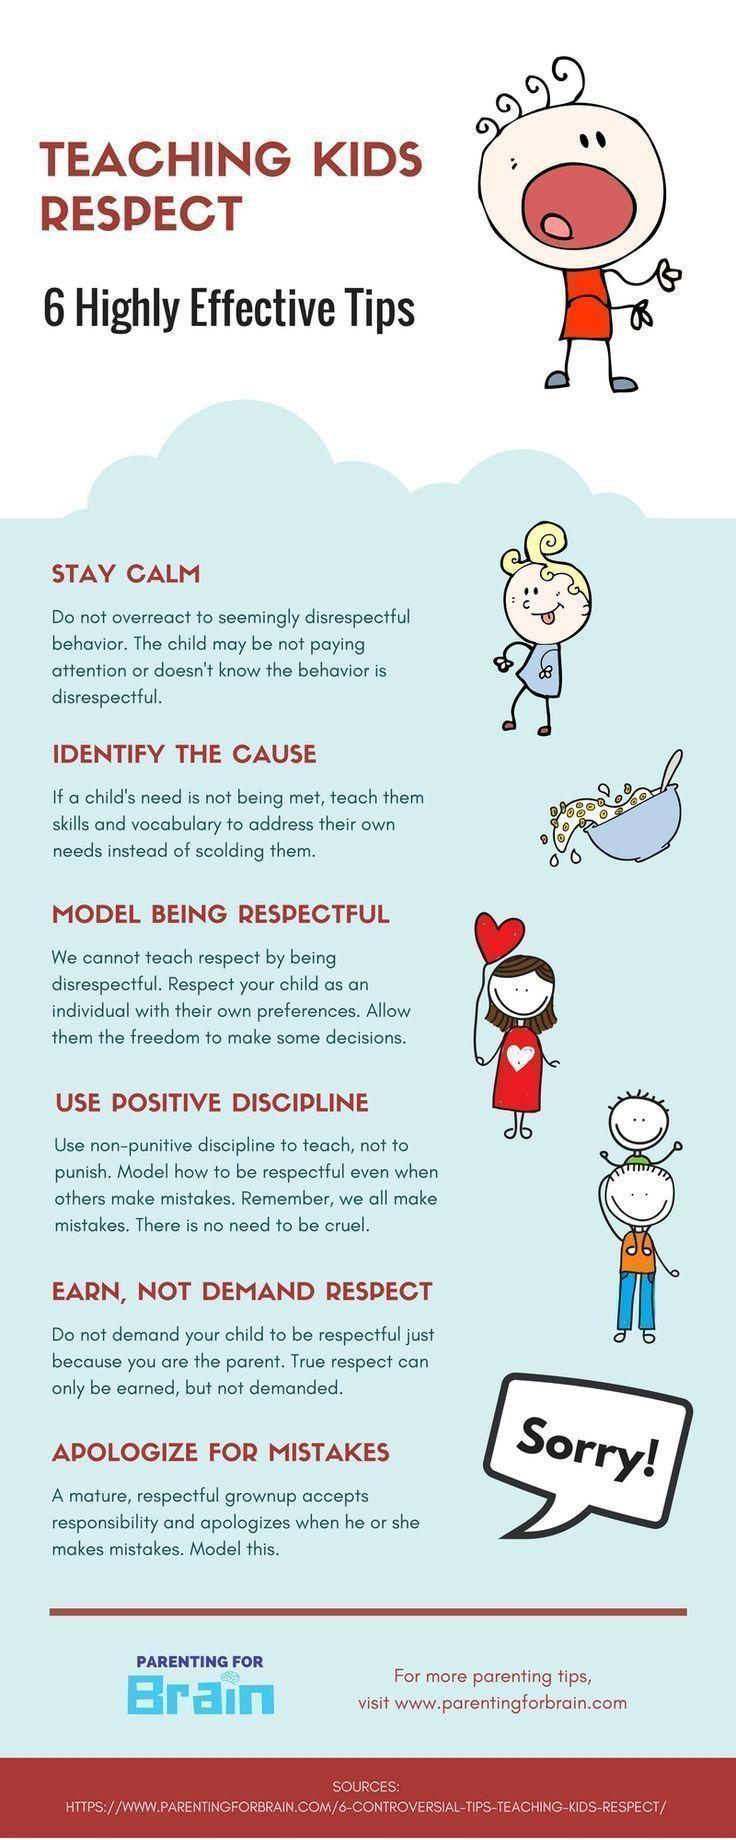 Respect Parents - Discipline For Kids #Parenting #Discipline #infographic #parentingtipsforteens #ParentingDiscipline #parentinginfographic